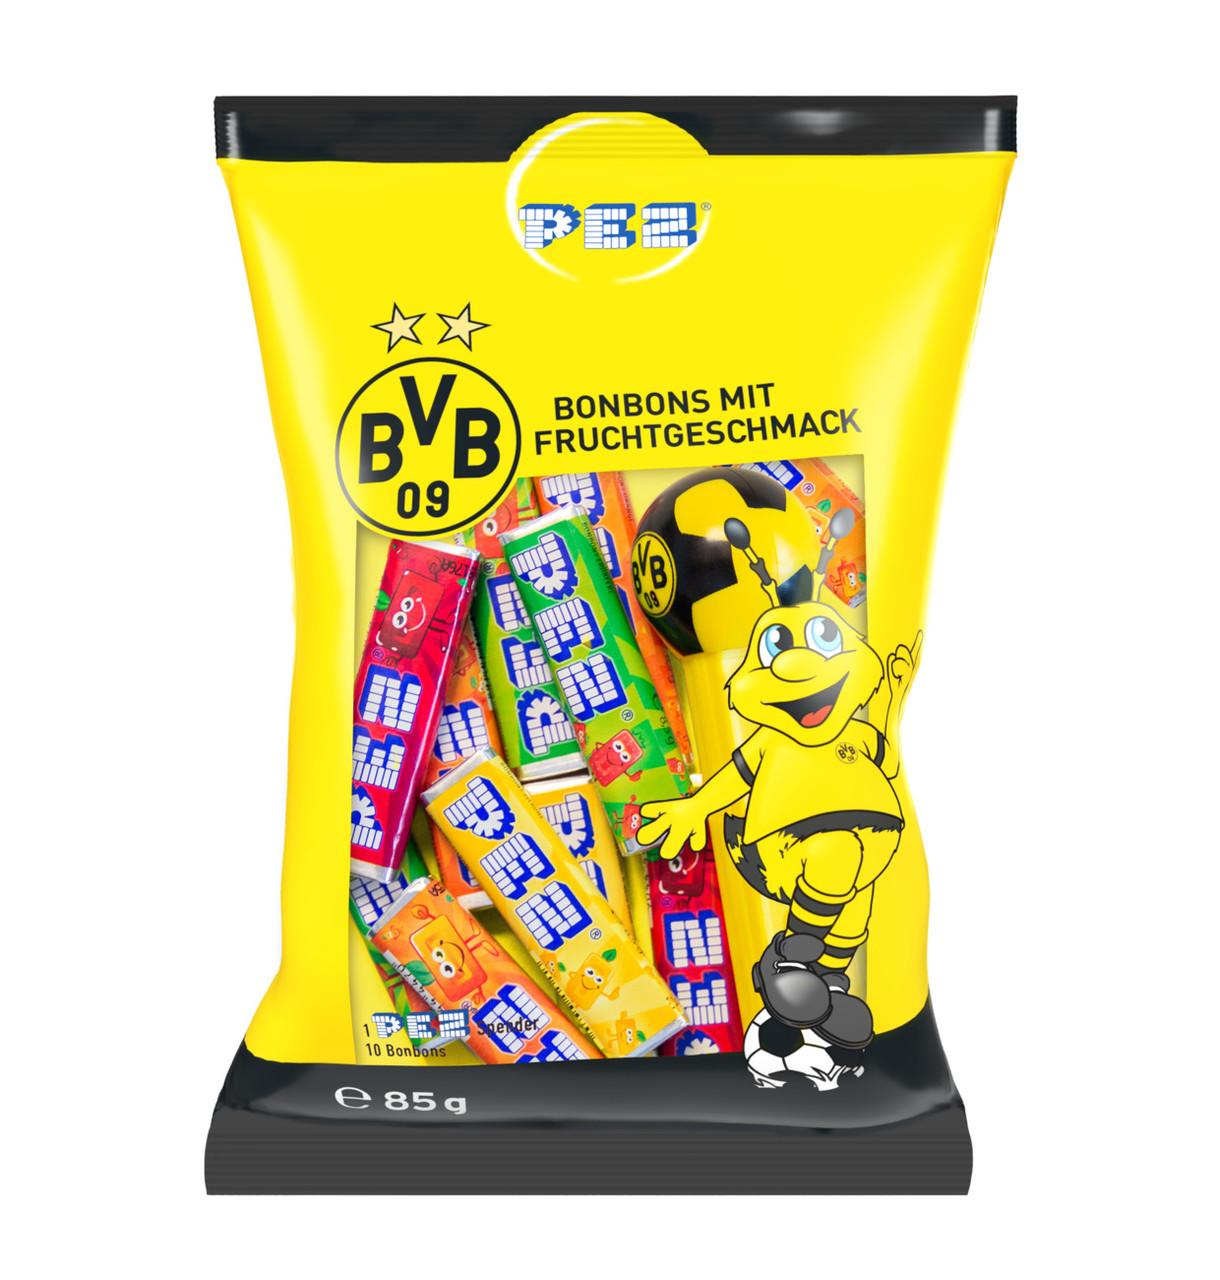 Цукерки жувальні BVB PEZ-dispenser, 85г, 24шт/ящ